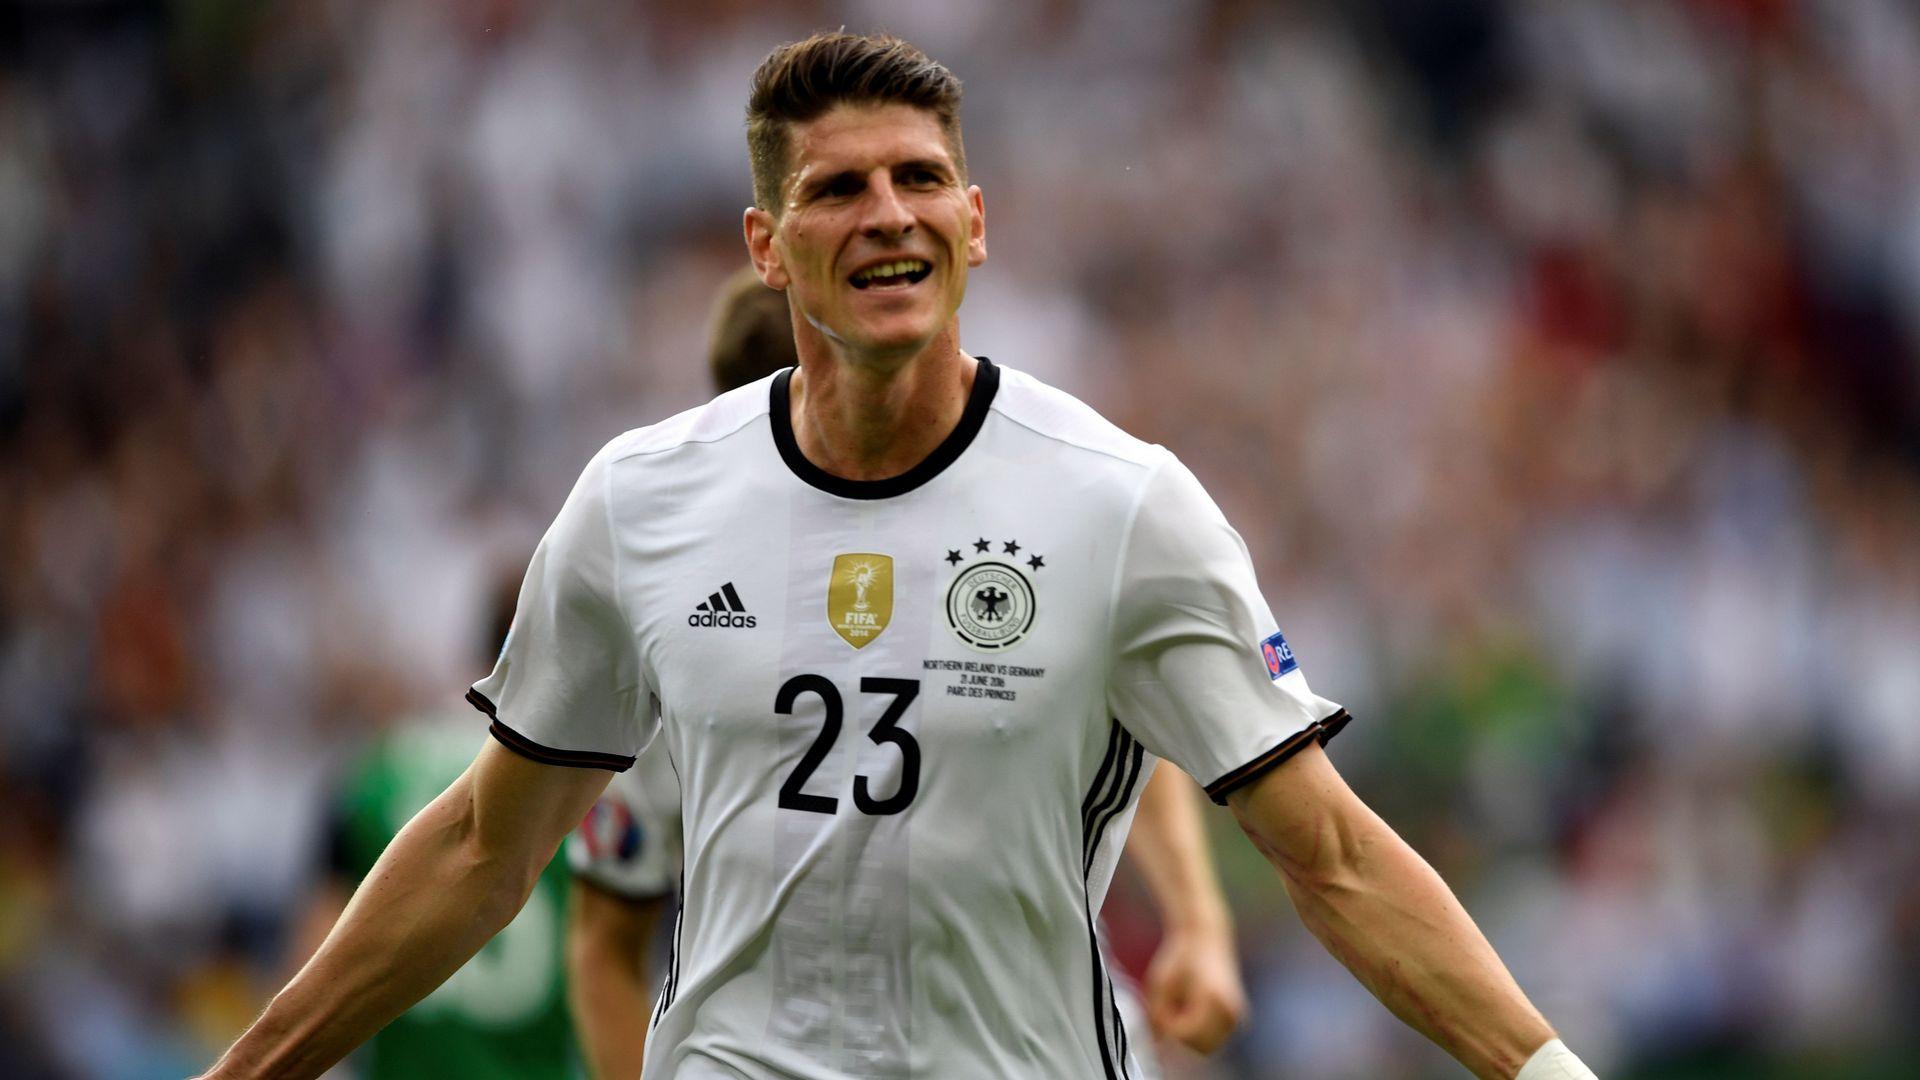 Thêm một sao tuyển Đức giã từ đội tuyển quốc gia (Mario Gomez) - Bóng Đá